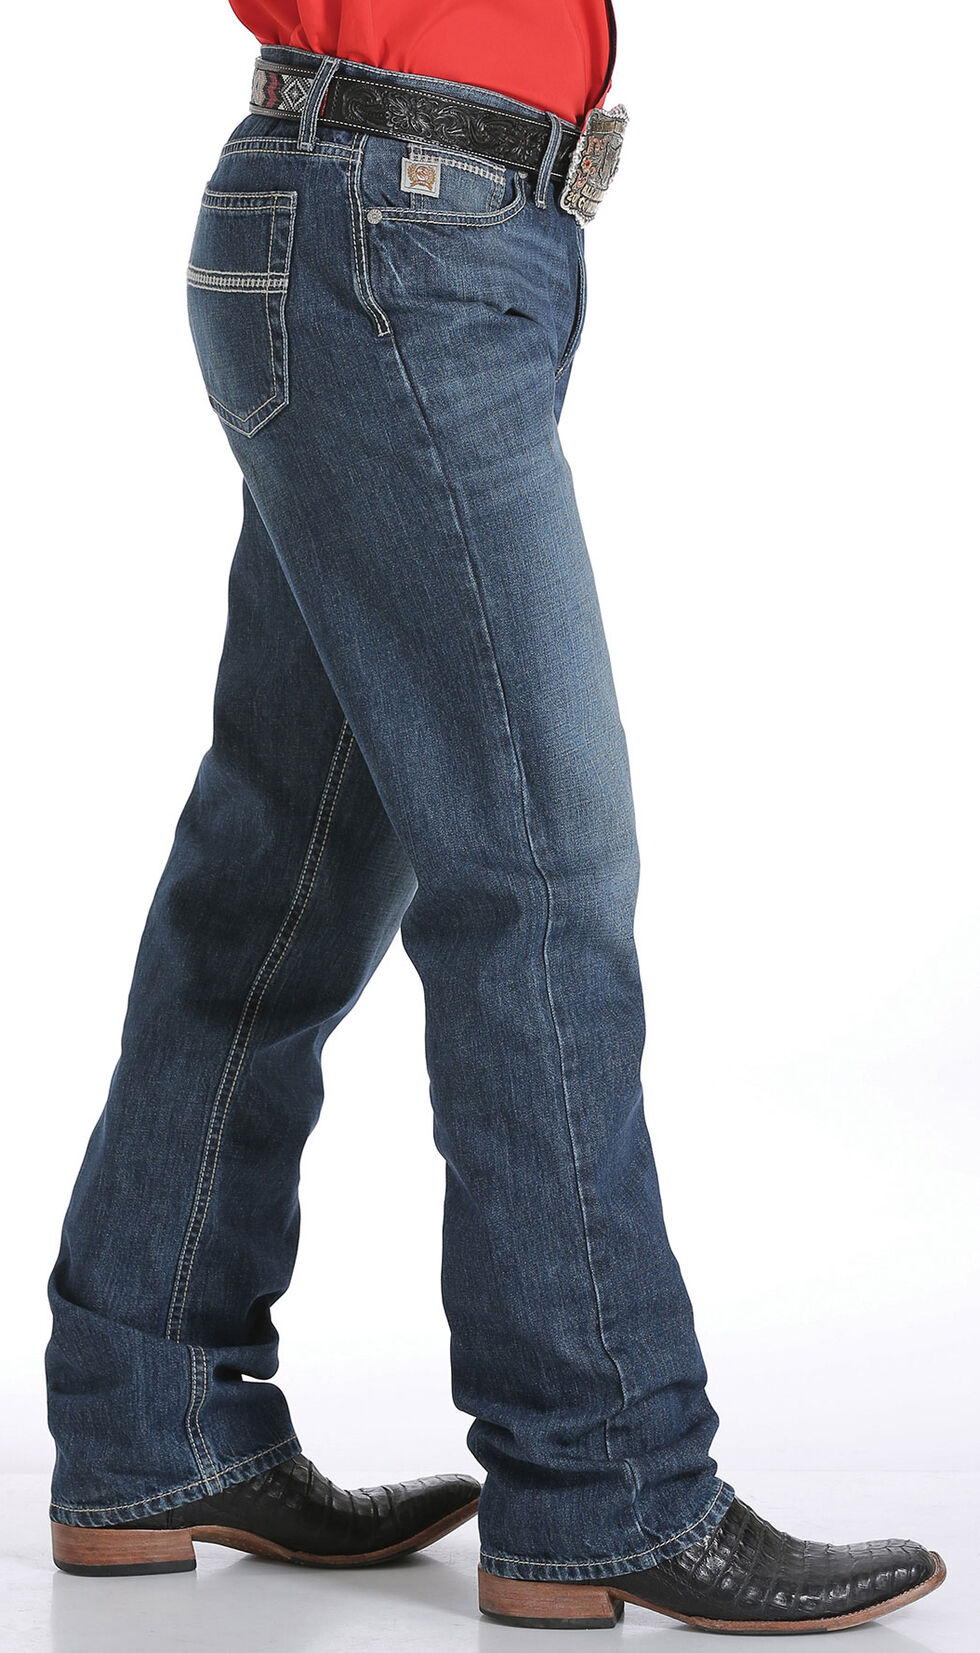 Cinch Men's Grant Mid-Rise Jeans - Boot Cut, Indigo, hi-res